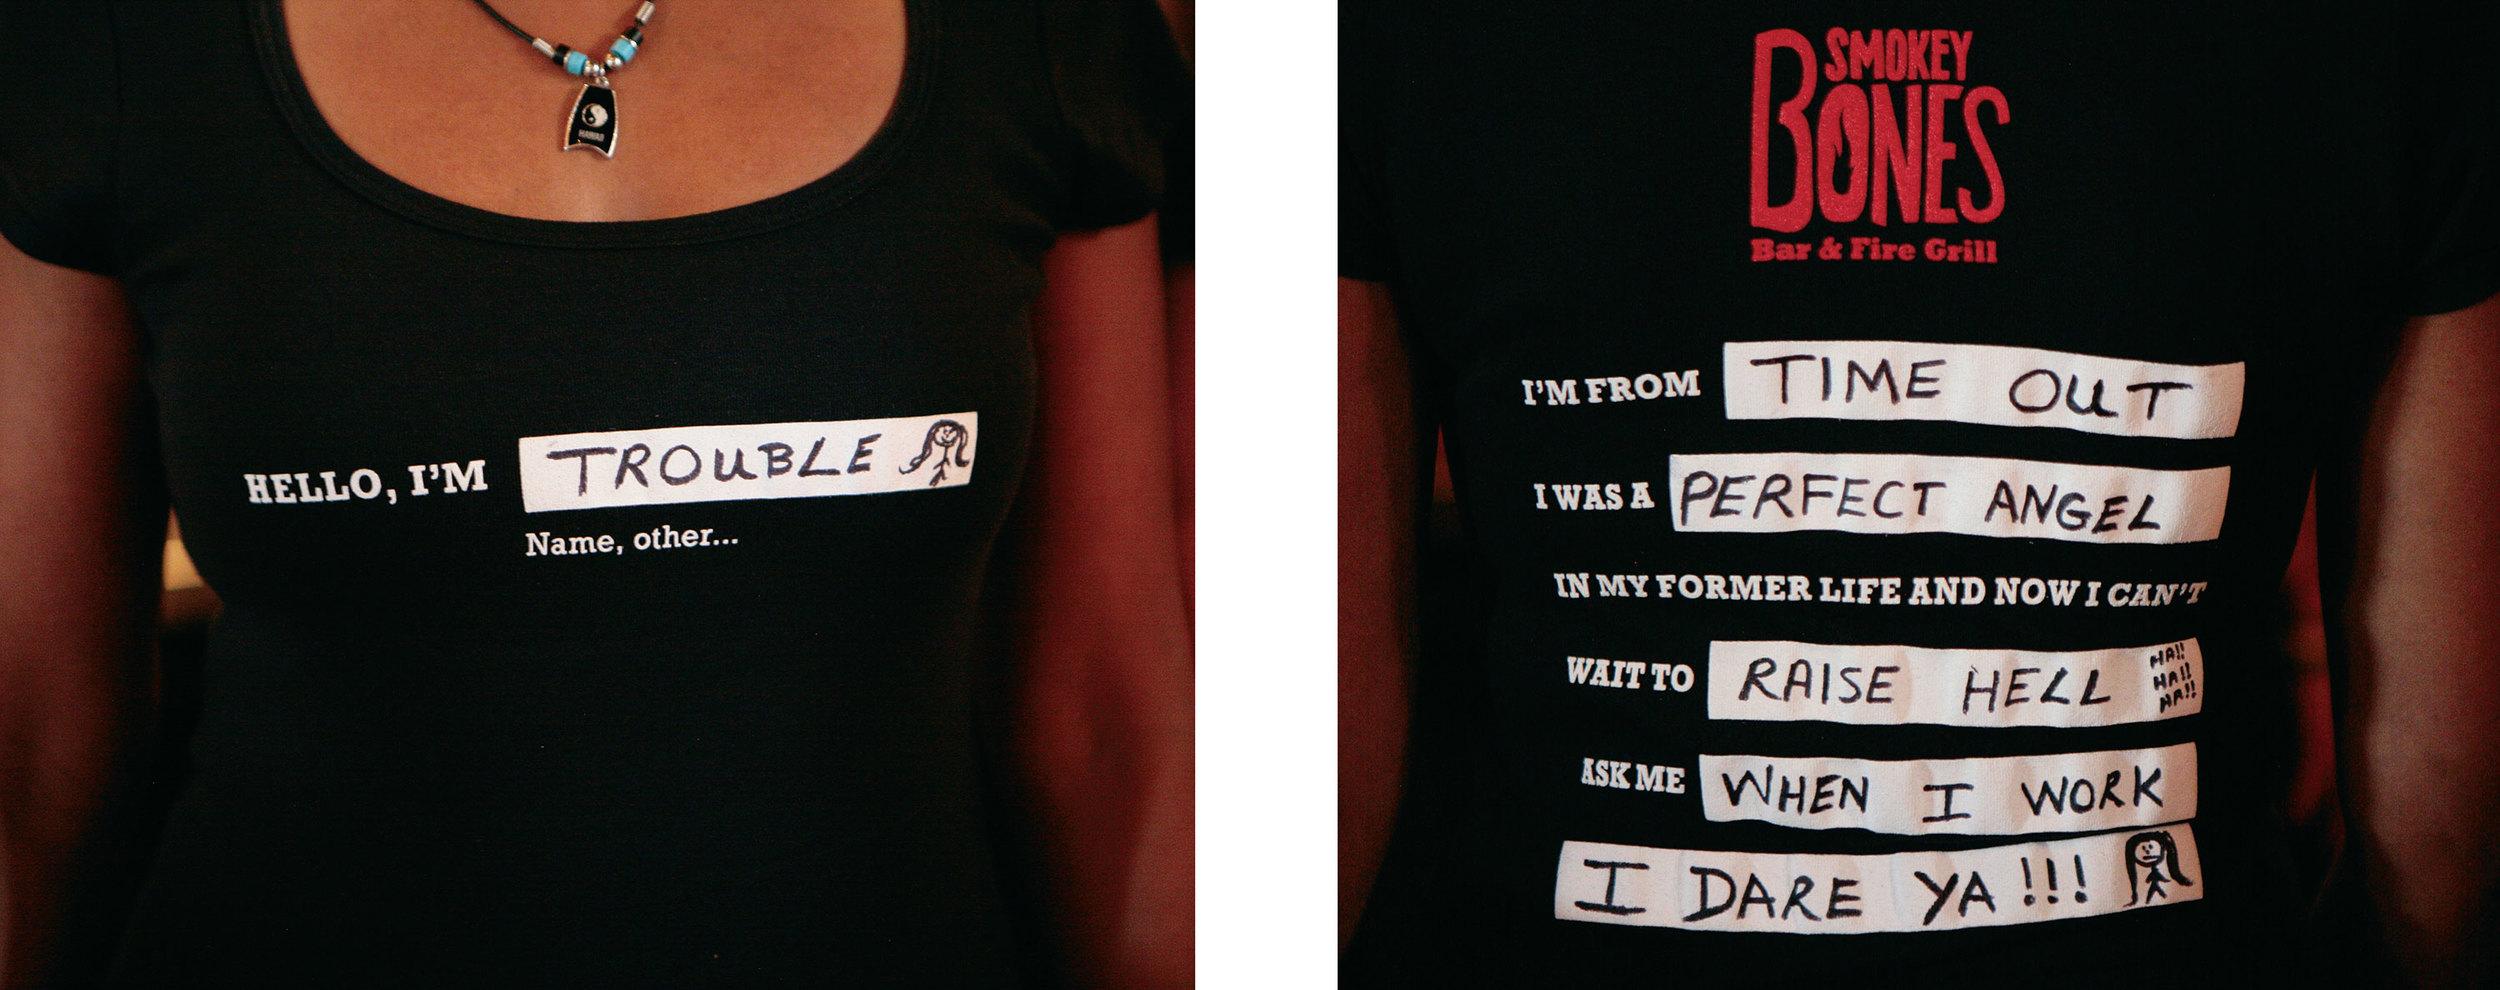 Employee T-shirt Design